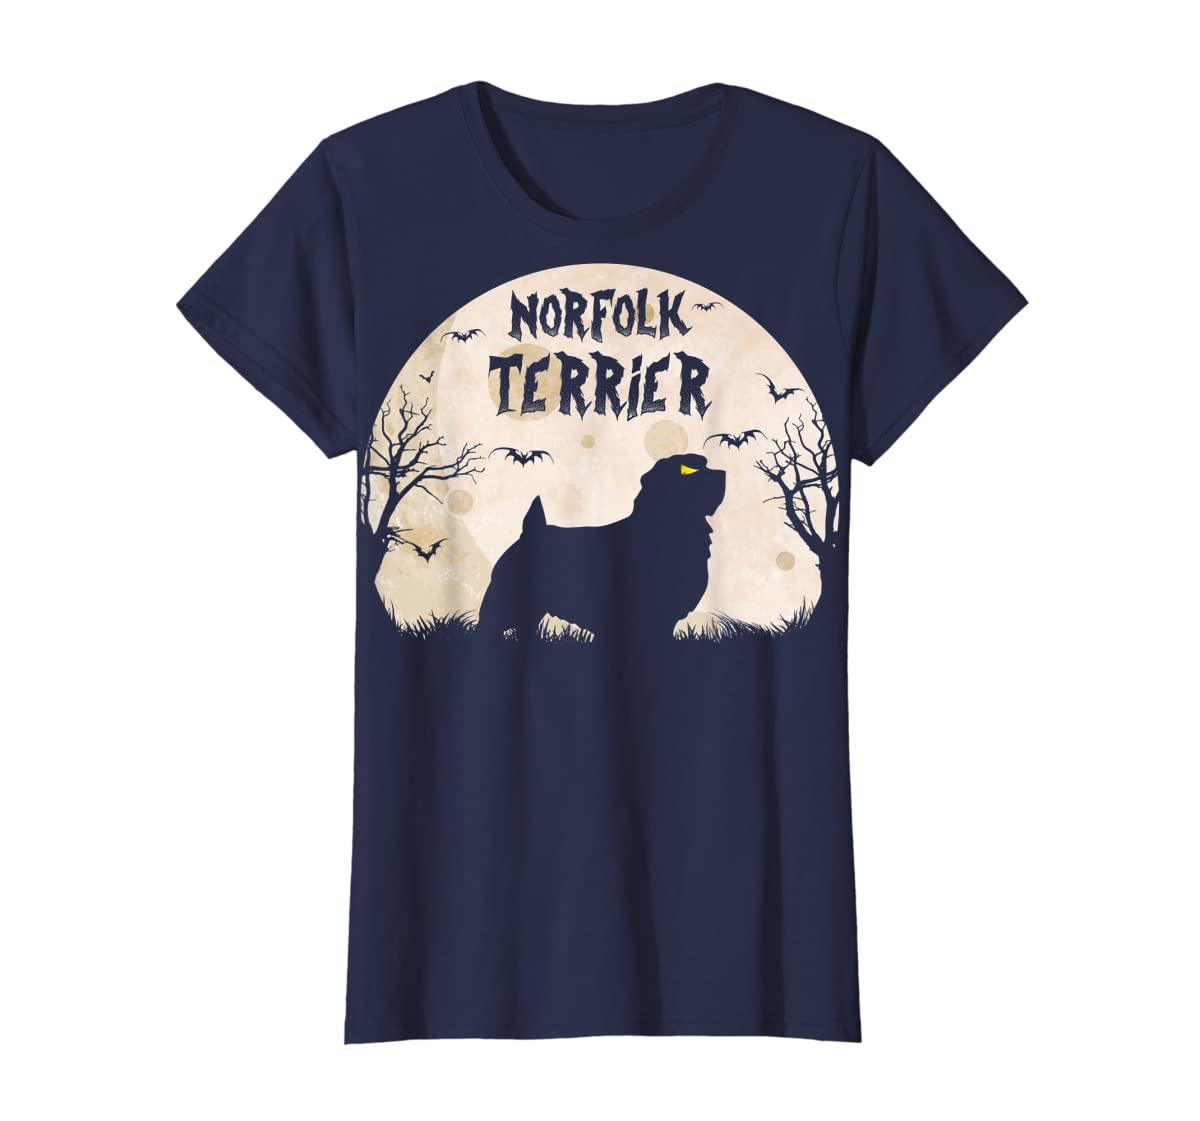 Halloween Horror Norfolk Terrier T-Shirt-Women's T-Shirt-Navy